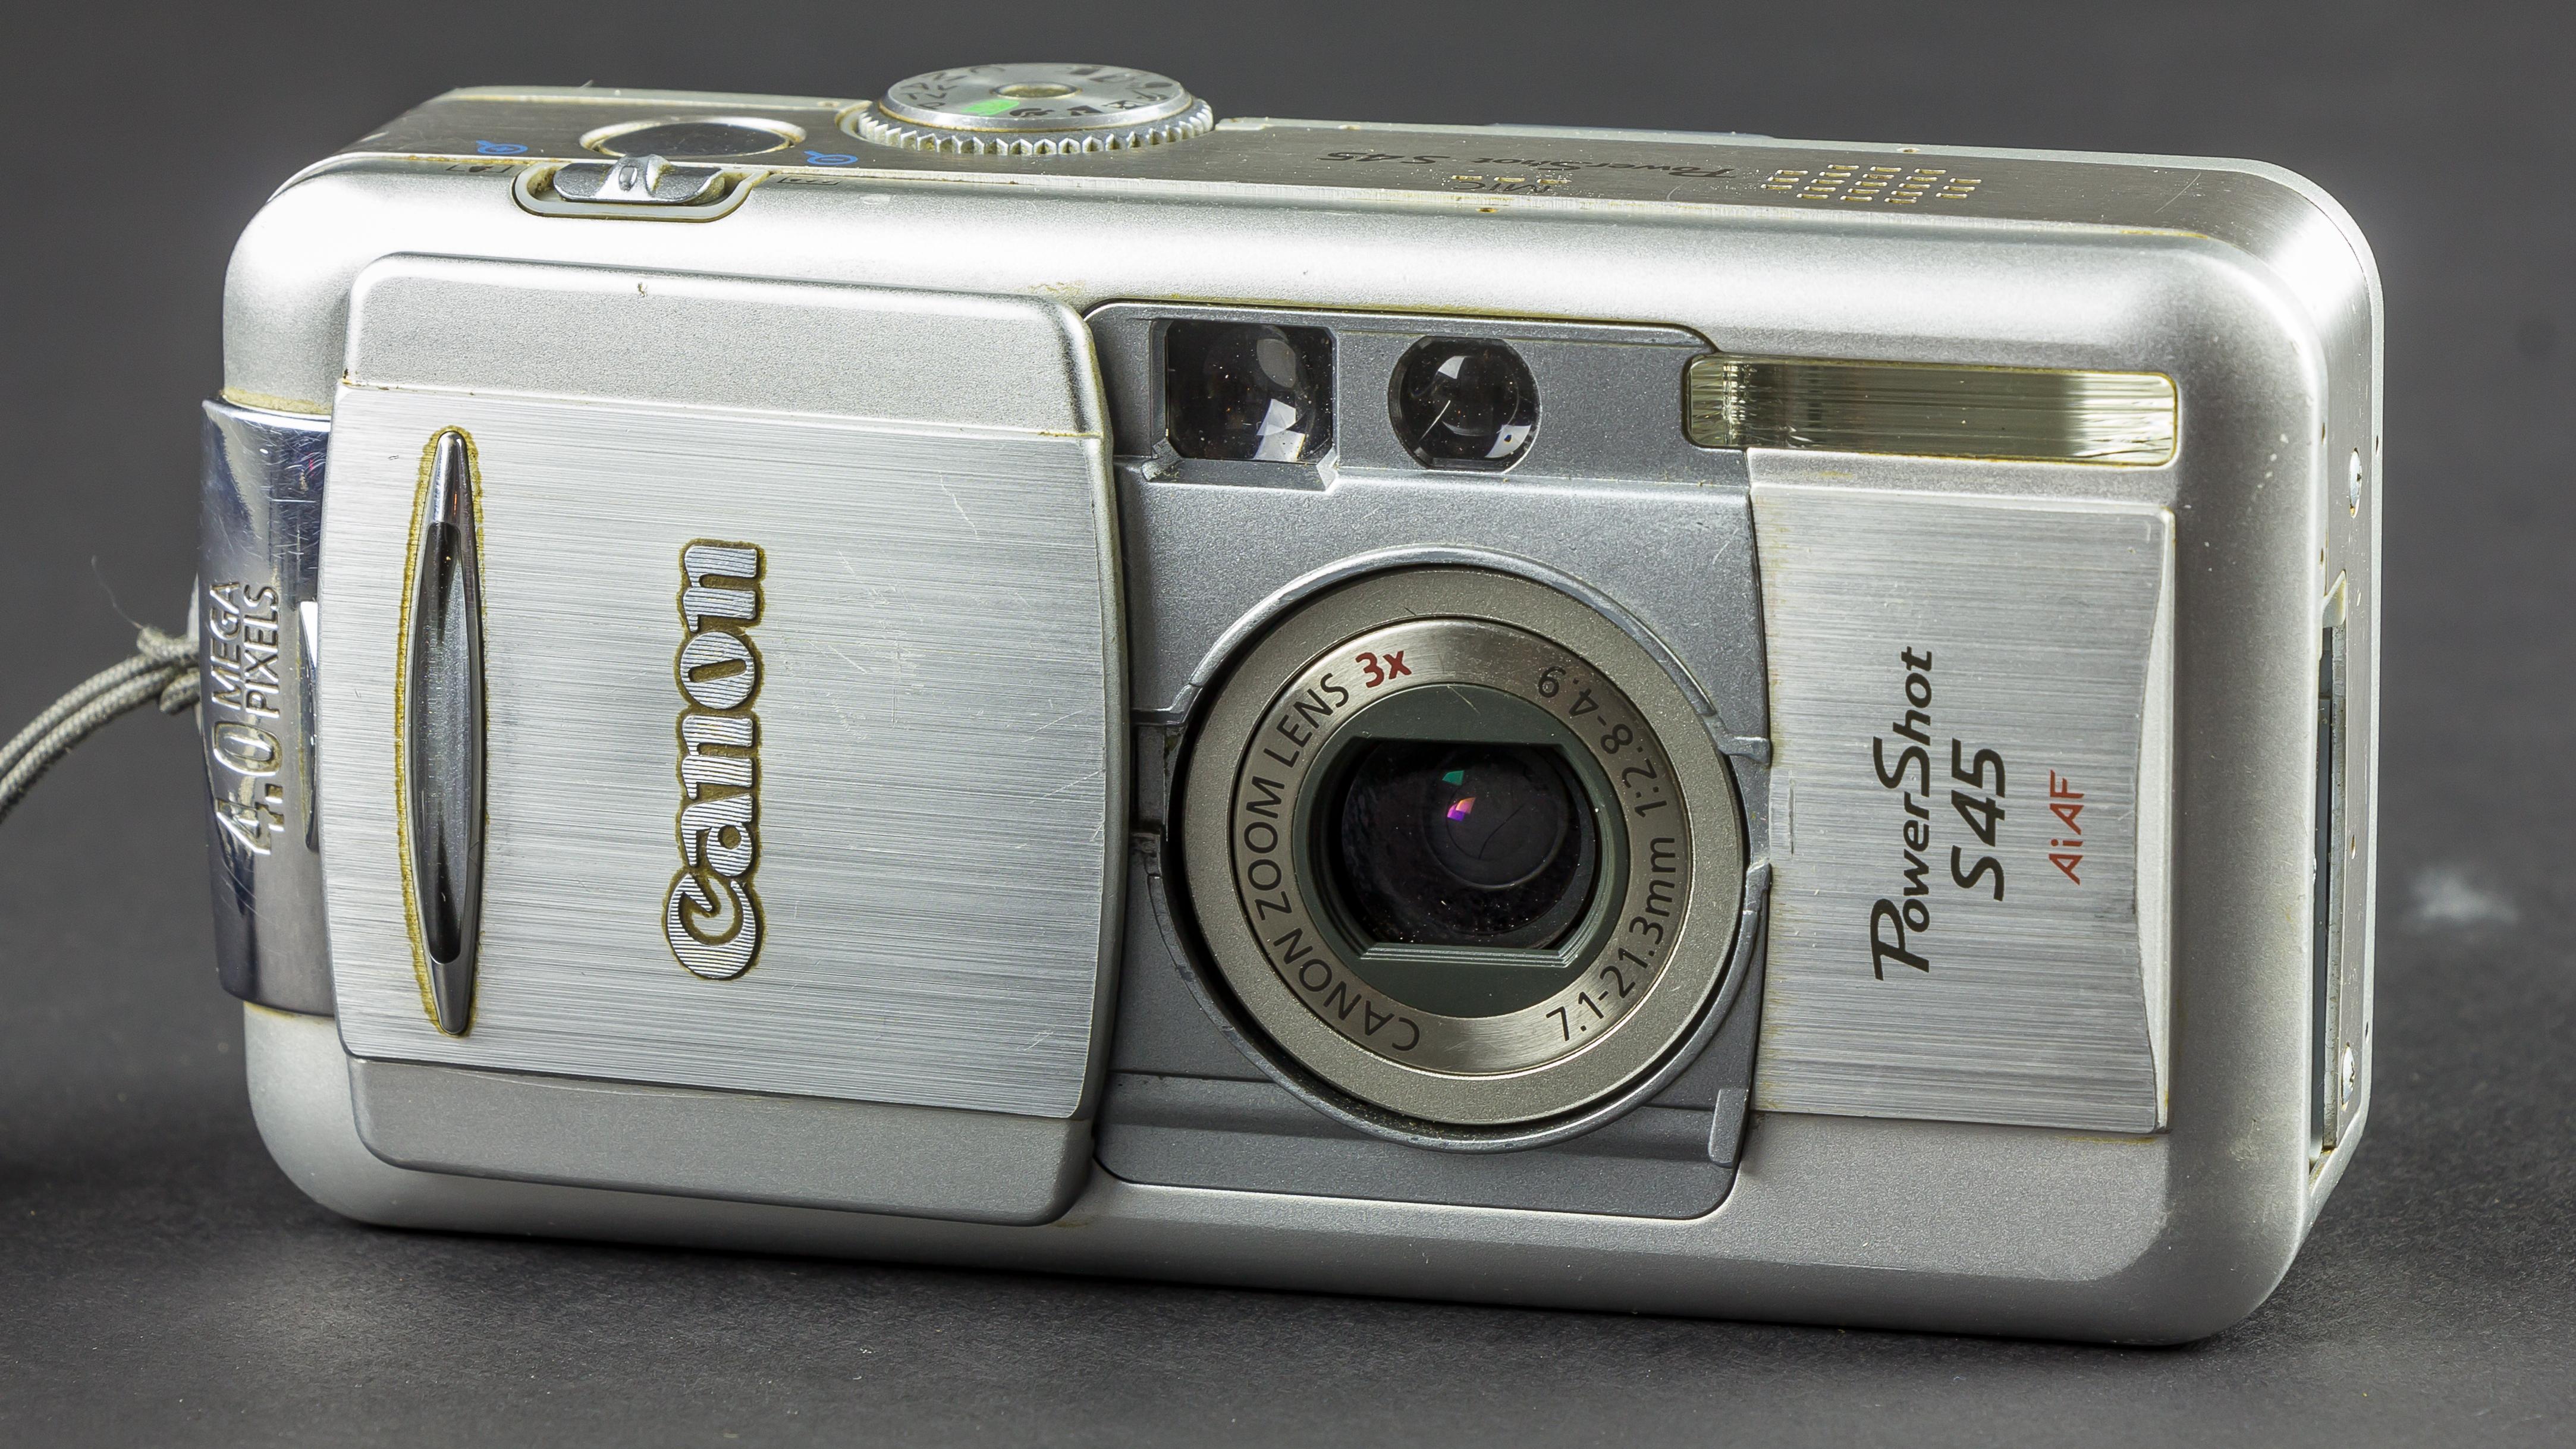 Canon PowerShot S45 Camera WIA Drivers Update